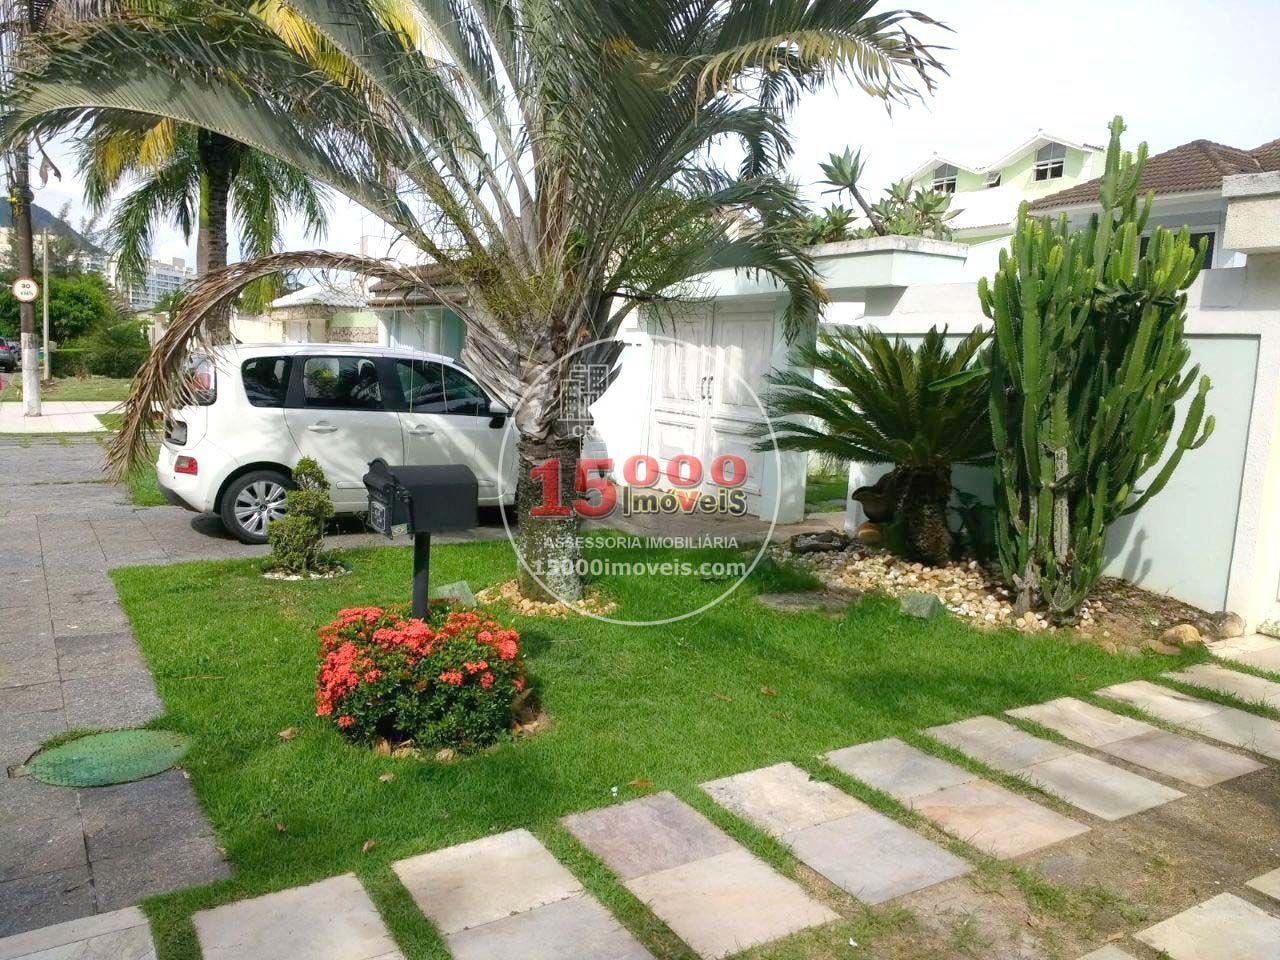 Fachada - Casa duplex brezinski no Cond. Vivendas do Sol - Recreio dos Bandeirantes (15000-103) - 15000-103 - 1